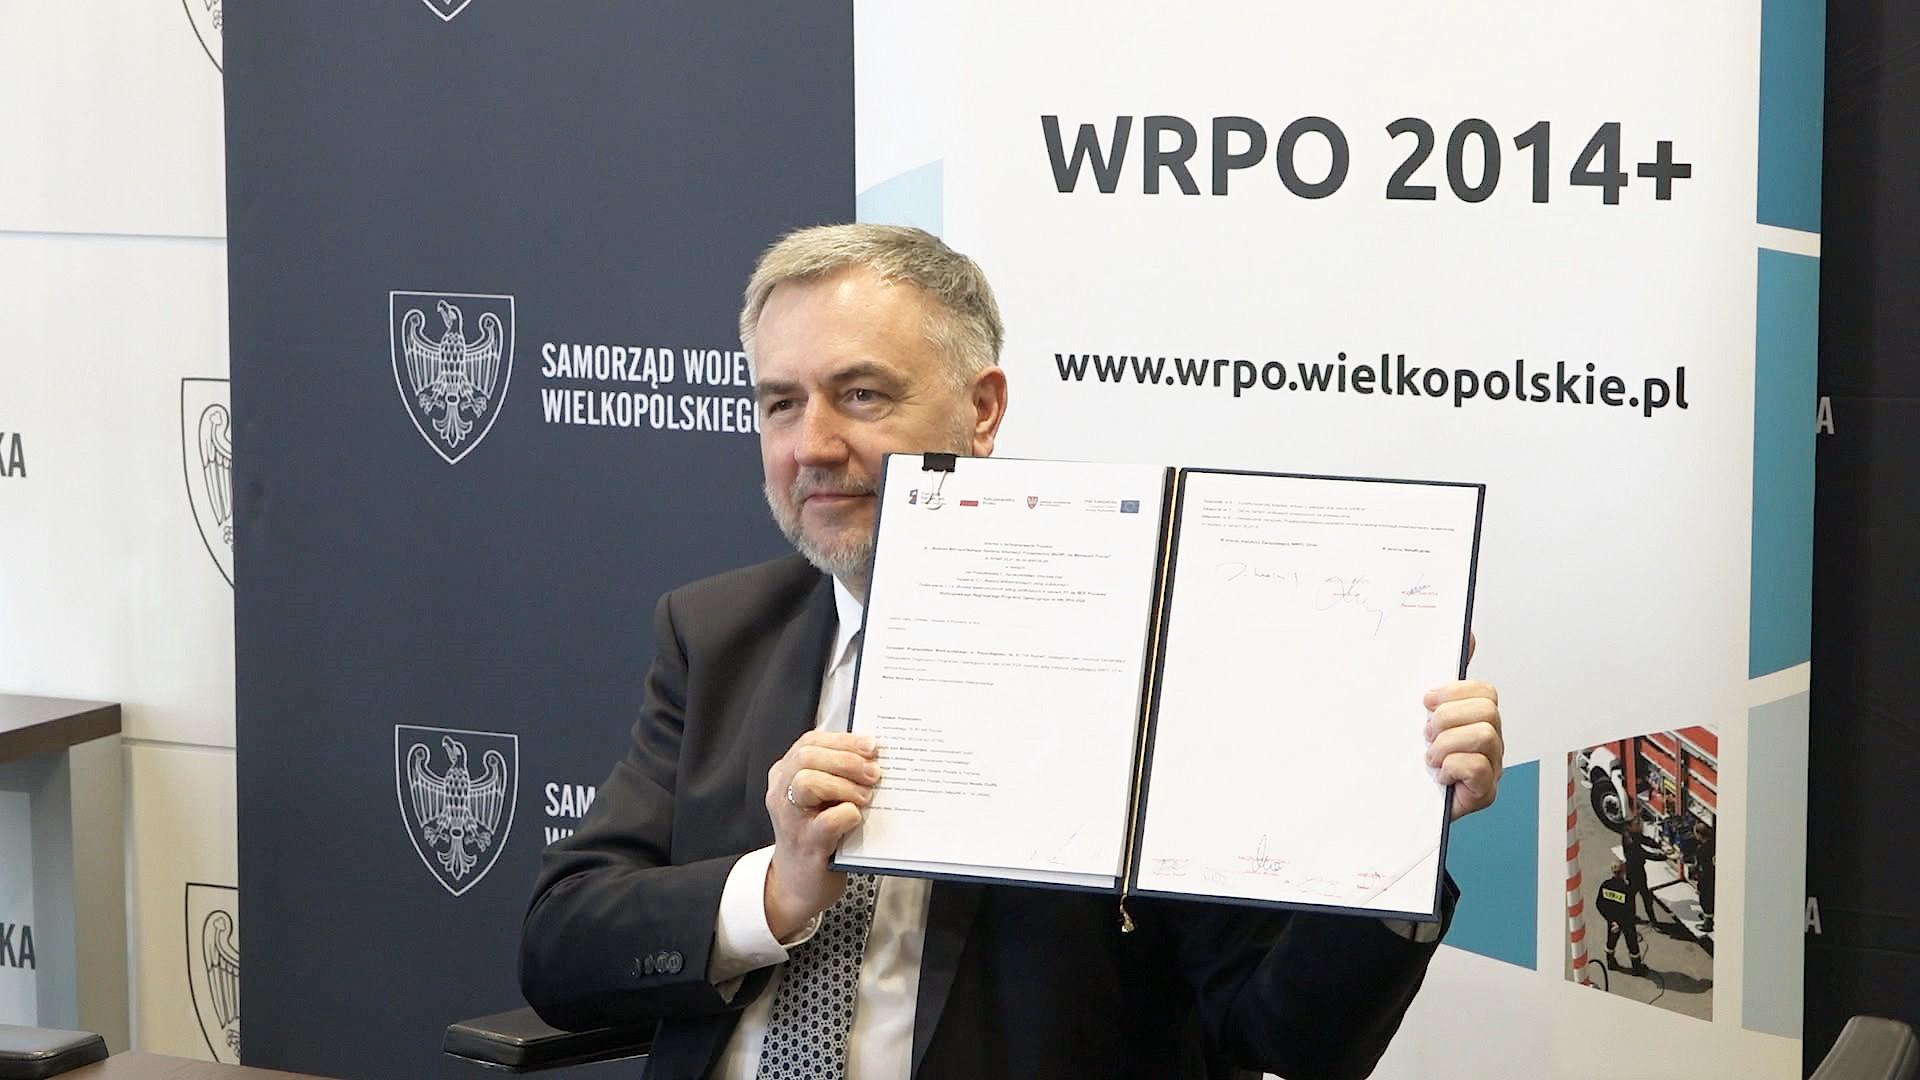 Przyszłość oparta na cyfrowości. Umowa dot. dofinansowania projektu MeSiP podpisana!    - zobacz więcej